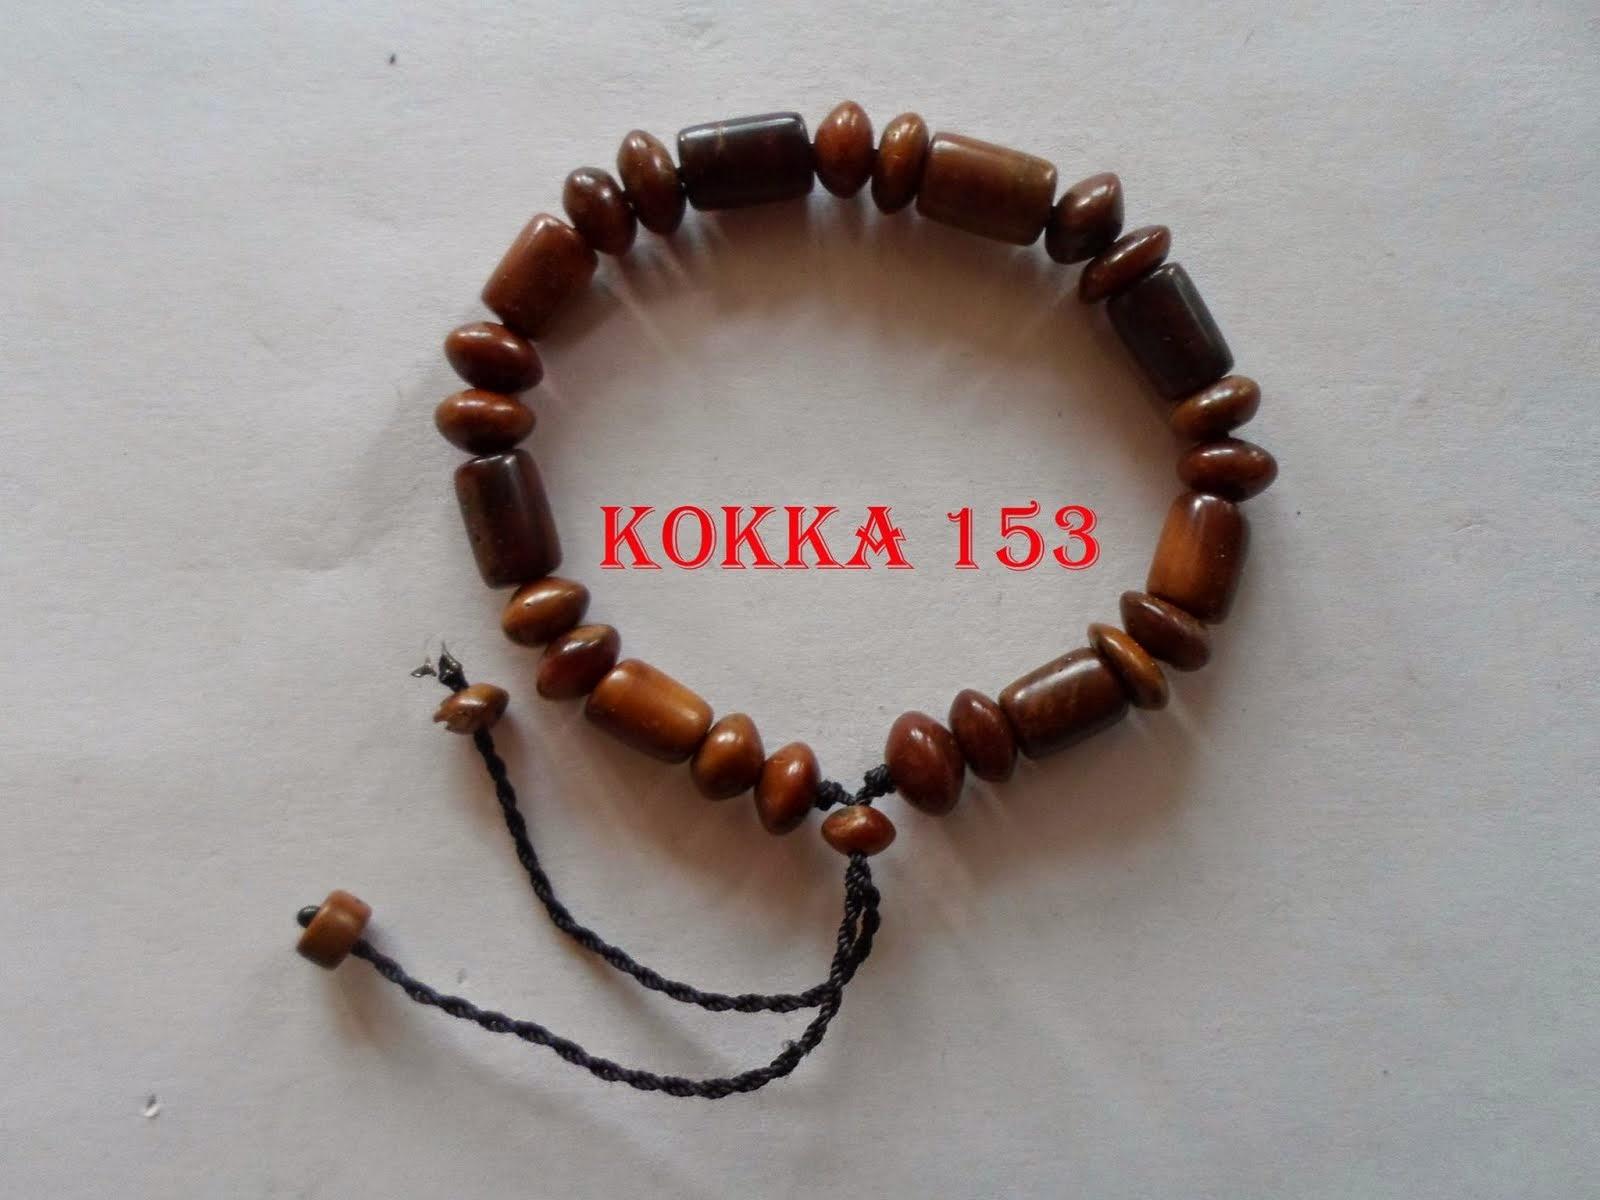 KOKKA 153